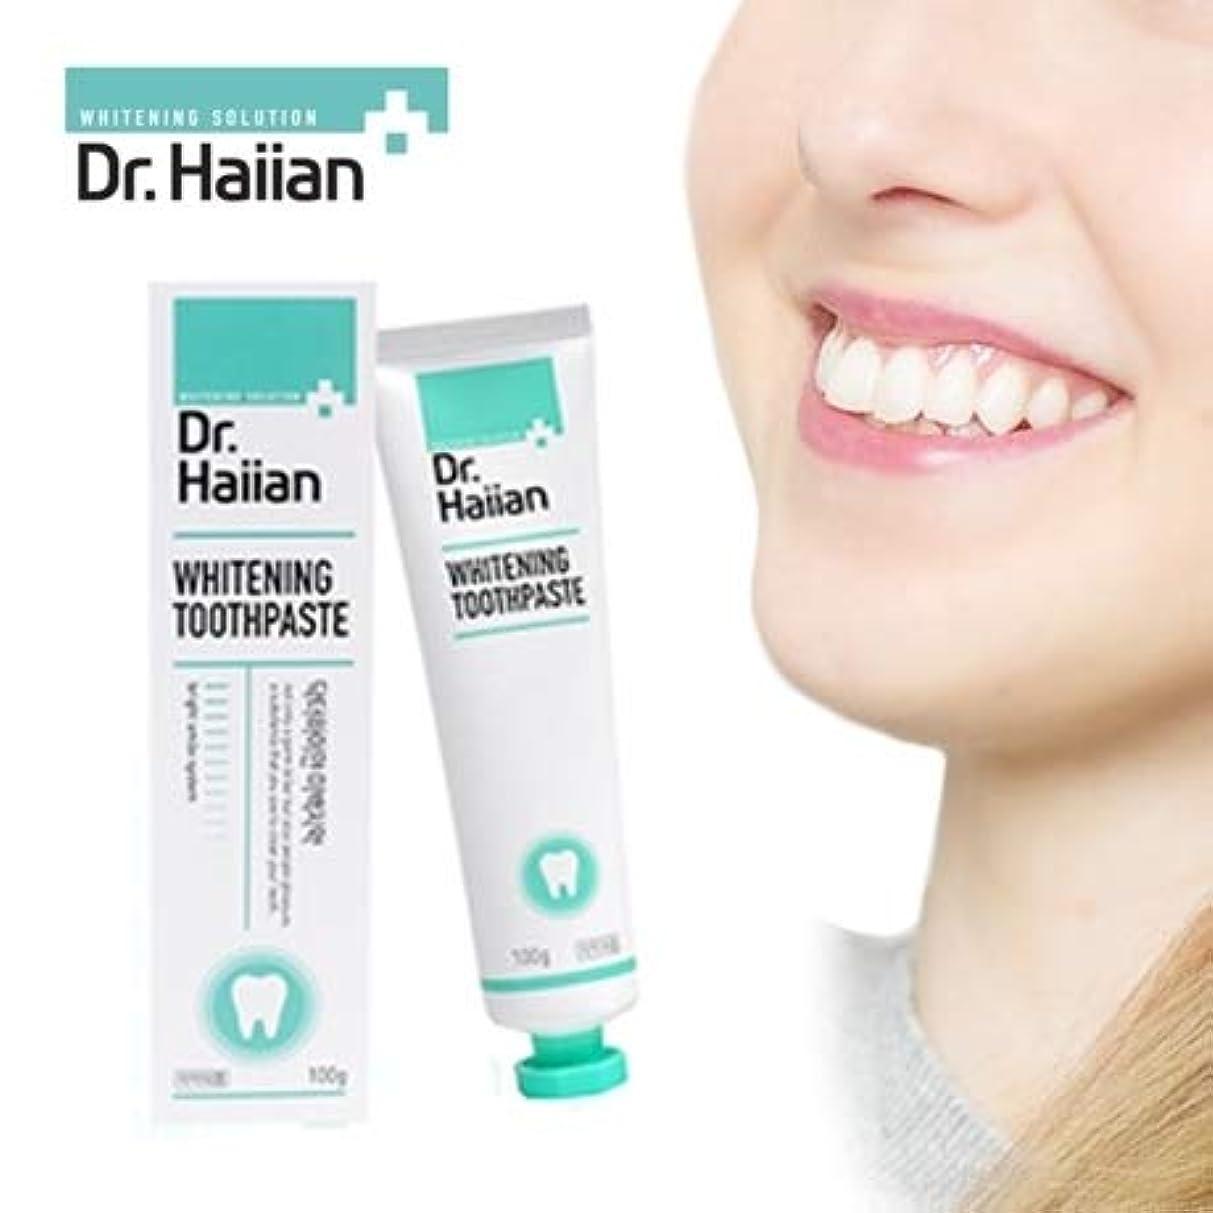 スイッチアンペアエイズDr.Haiian WHITENING TOOTHPASTE ホワイトニング歯磨き粉 100g,韩国正品